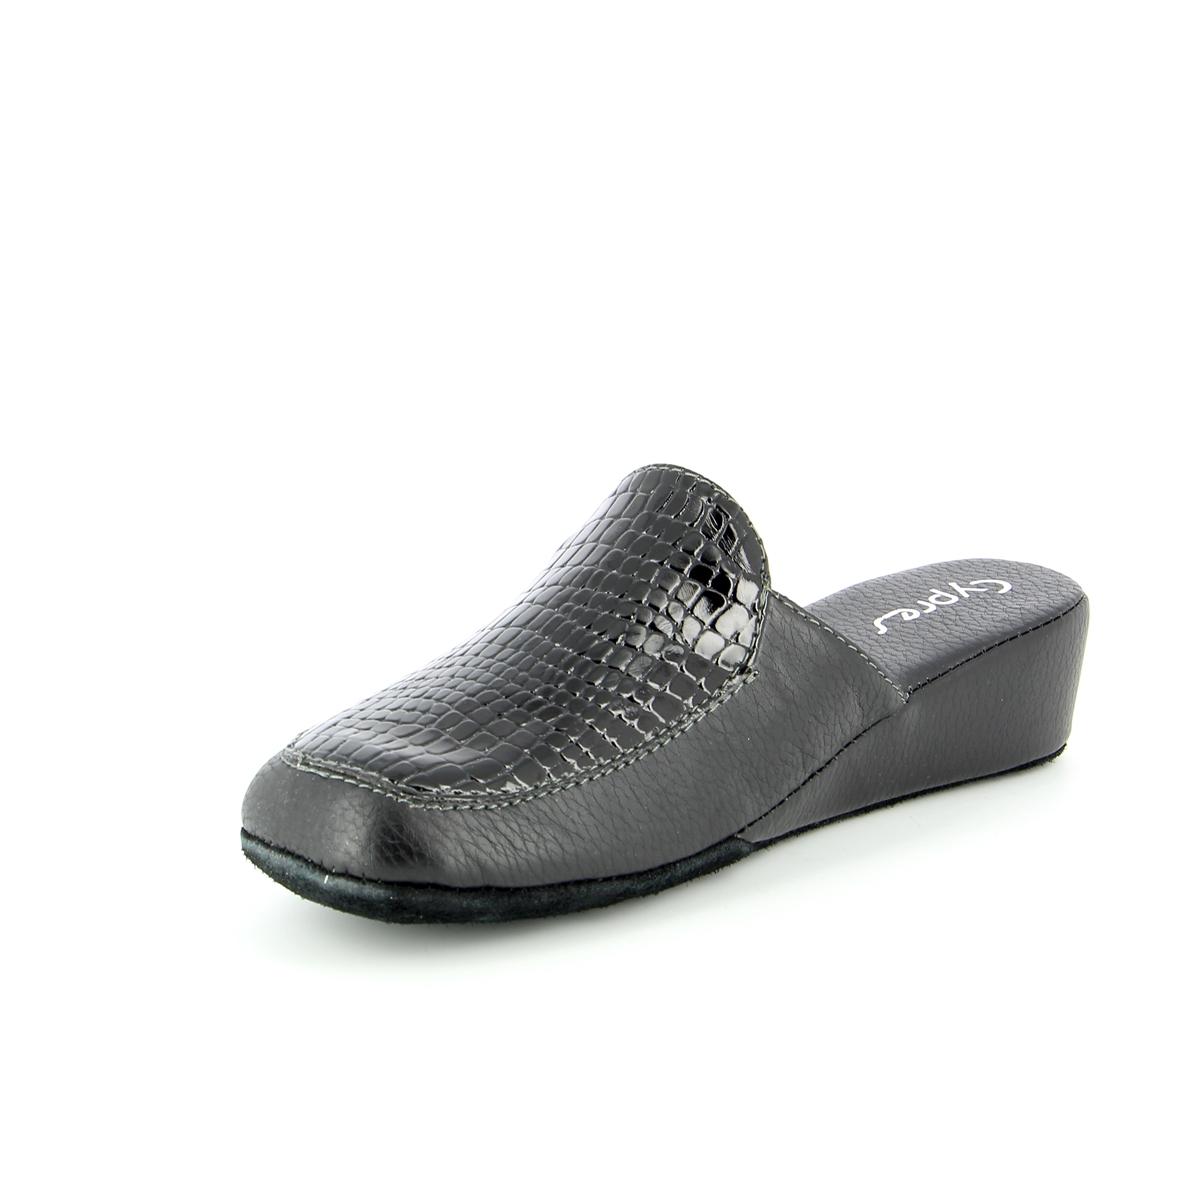 Cypres Pantoufles noir